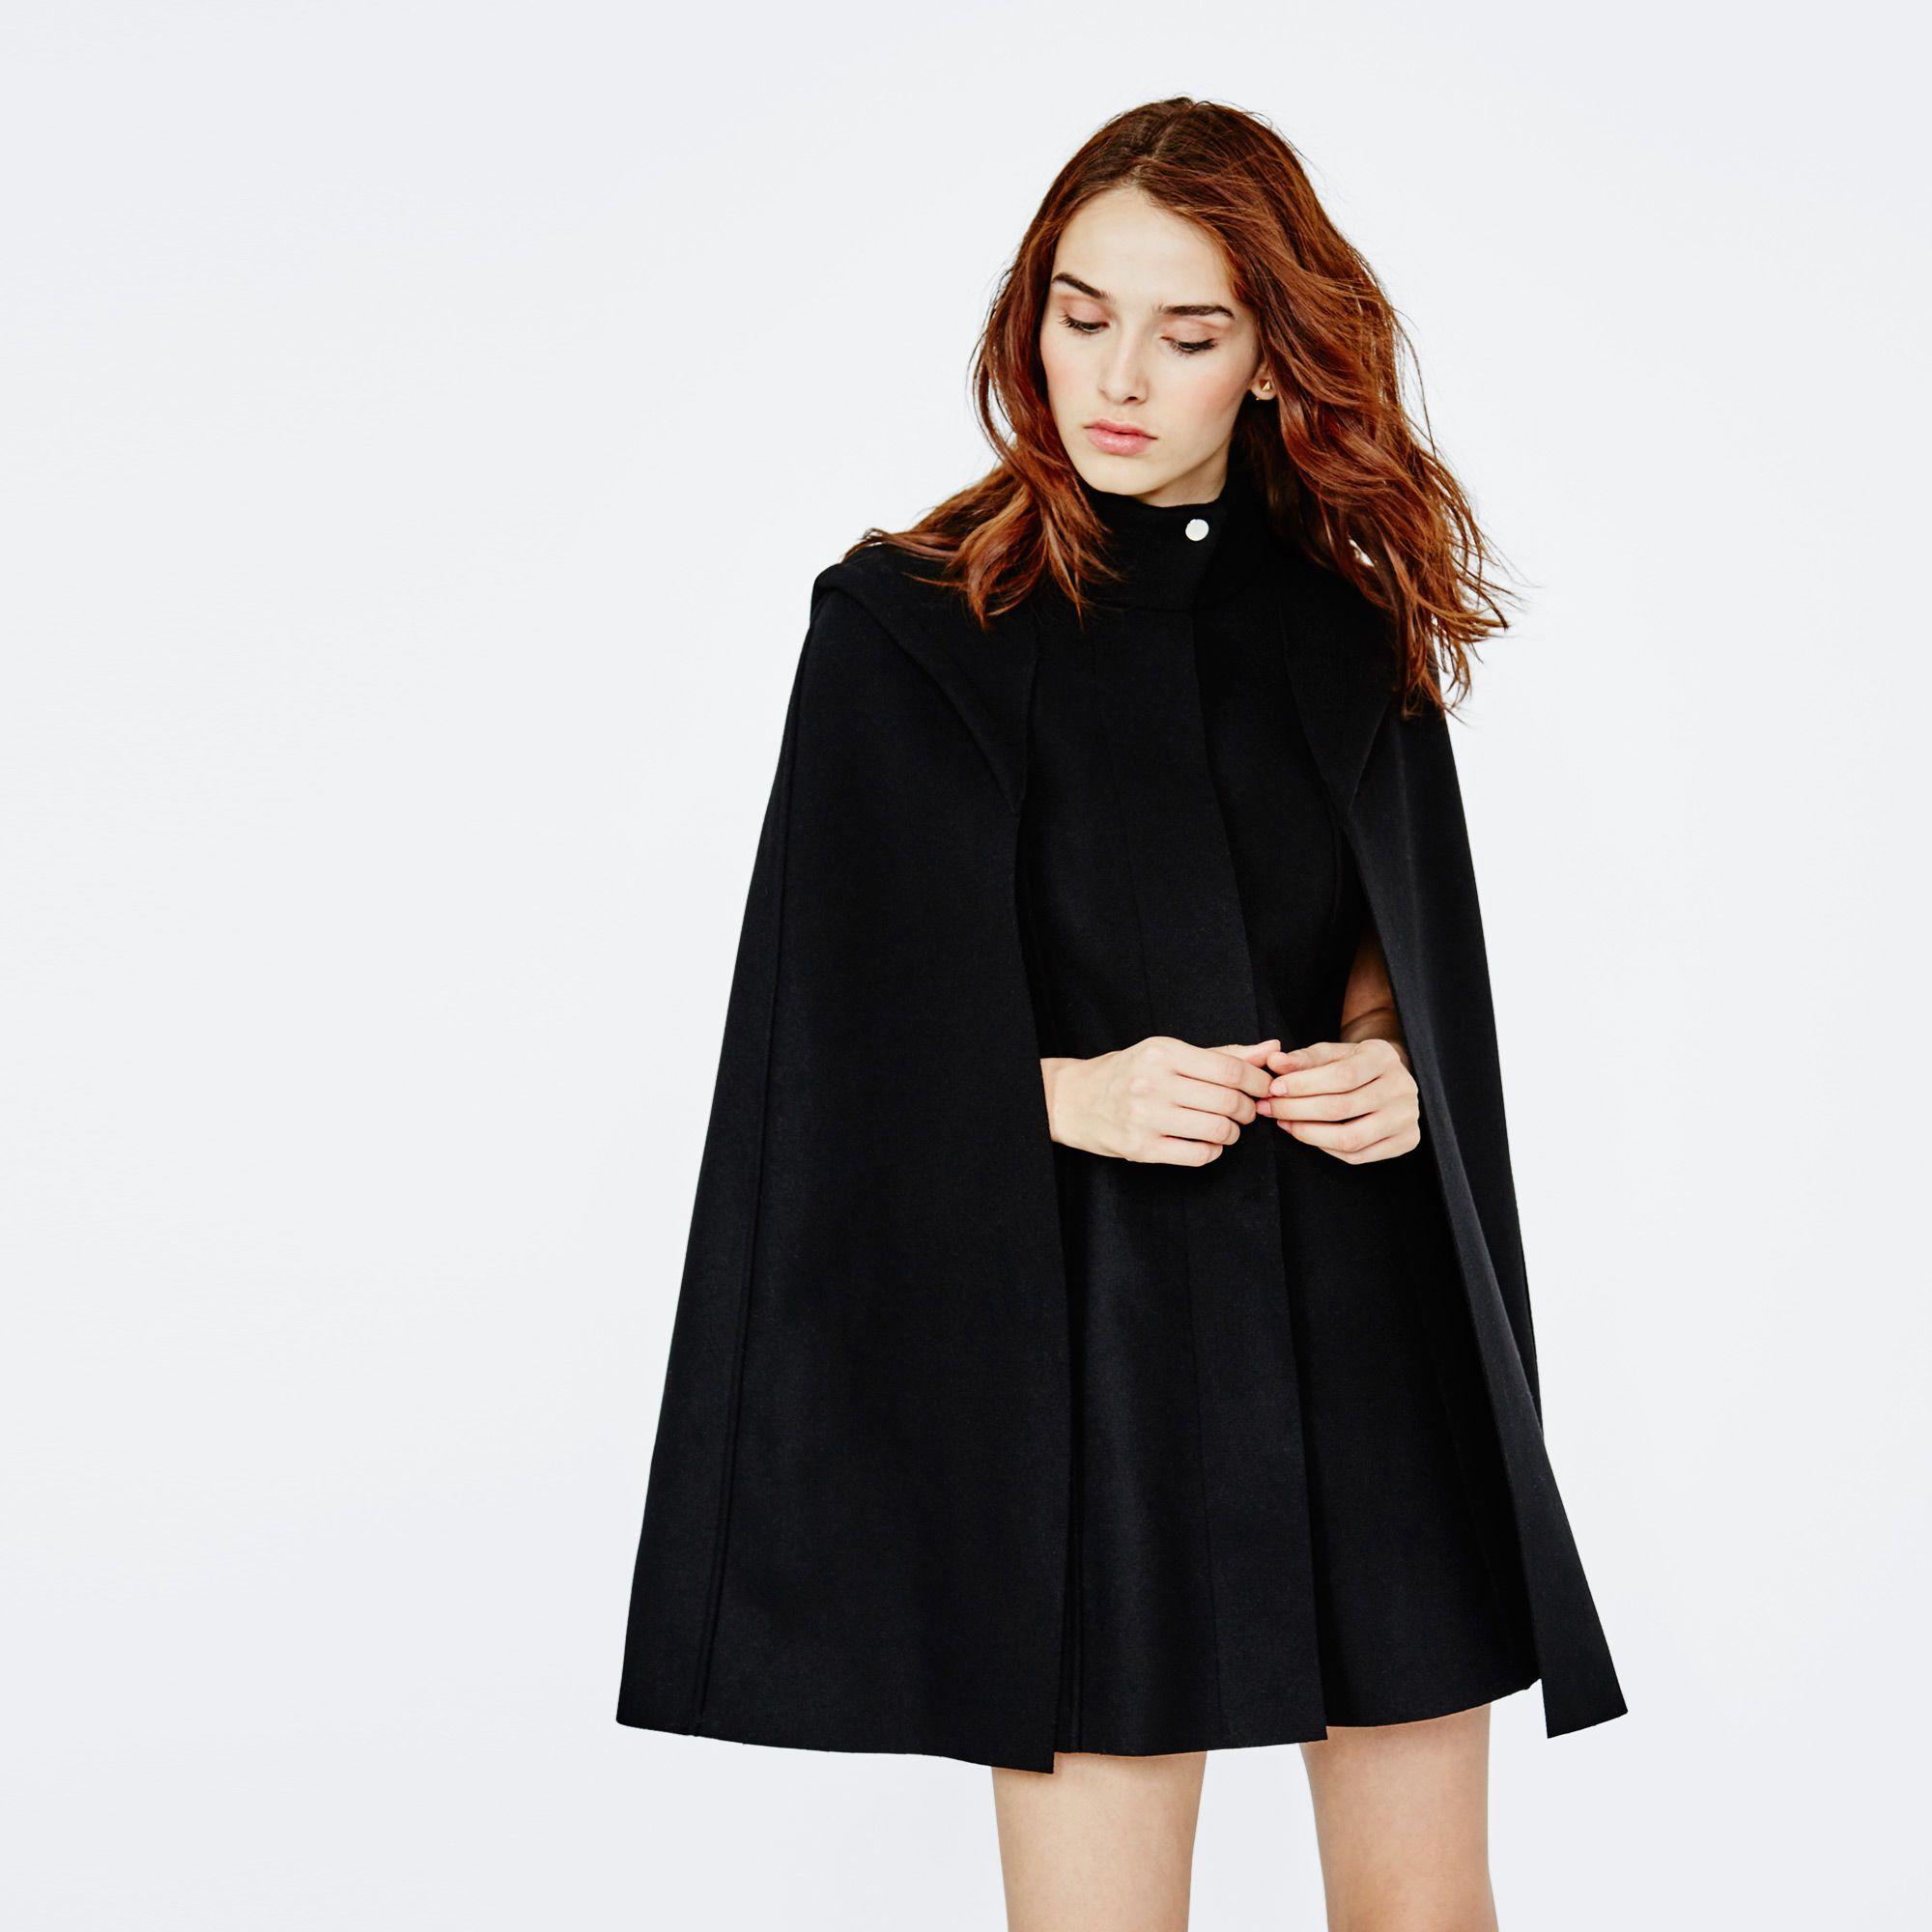 manteau cape en laine manteau fringues et cape femme. Black Bedroom Furniture Sets. Home Design Ideas